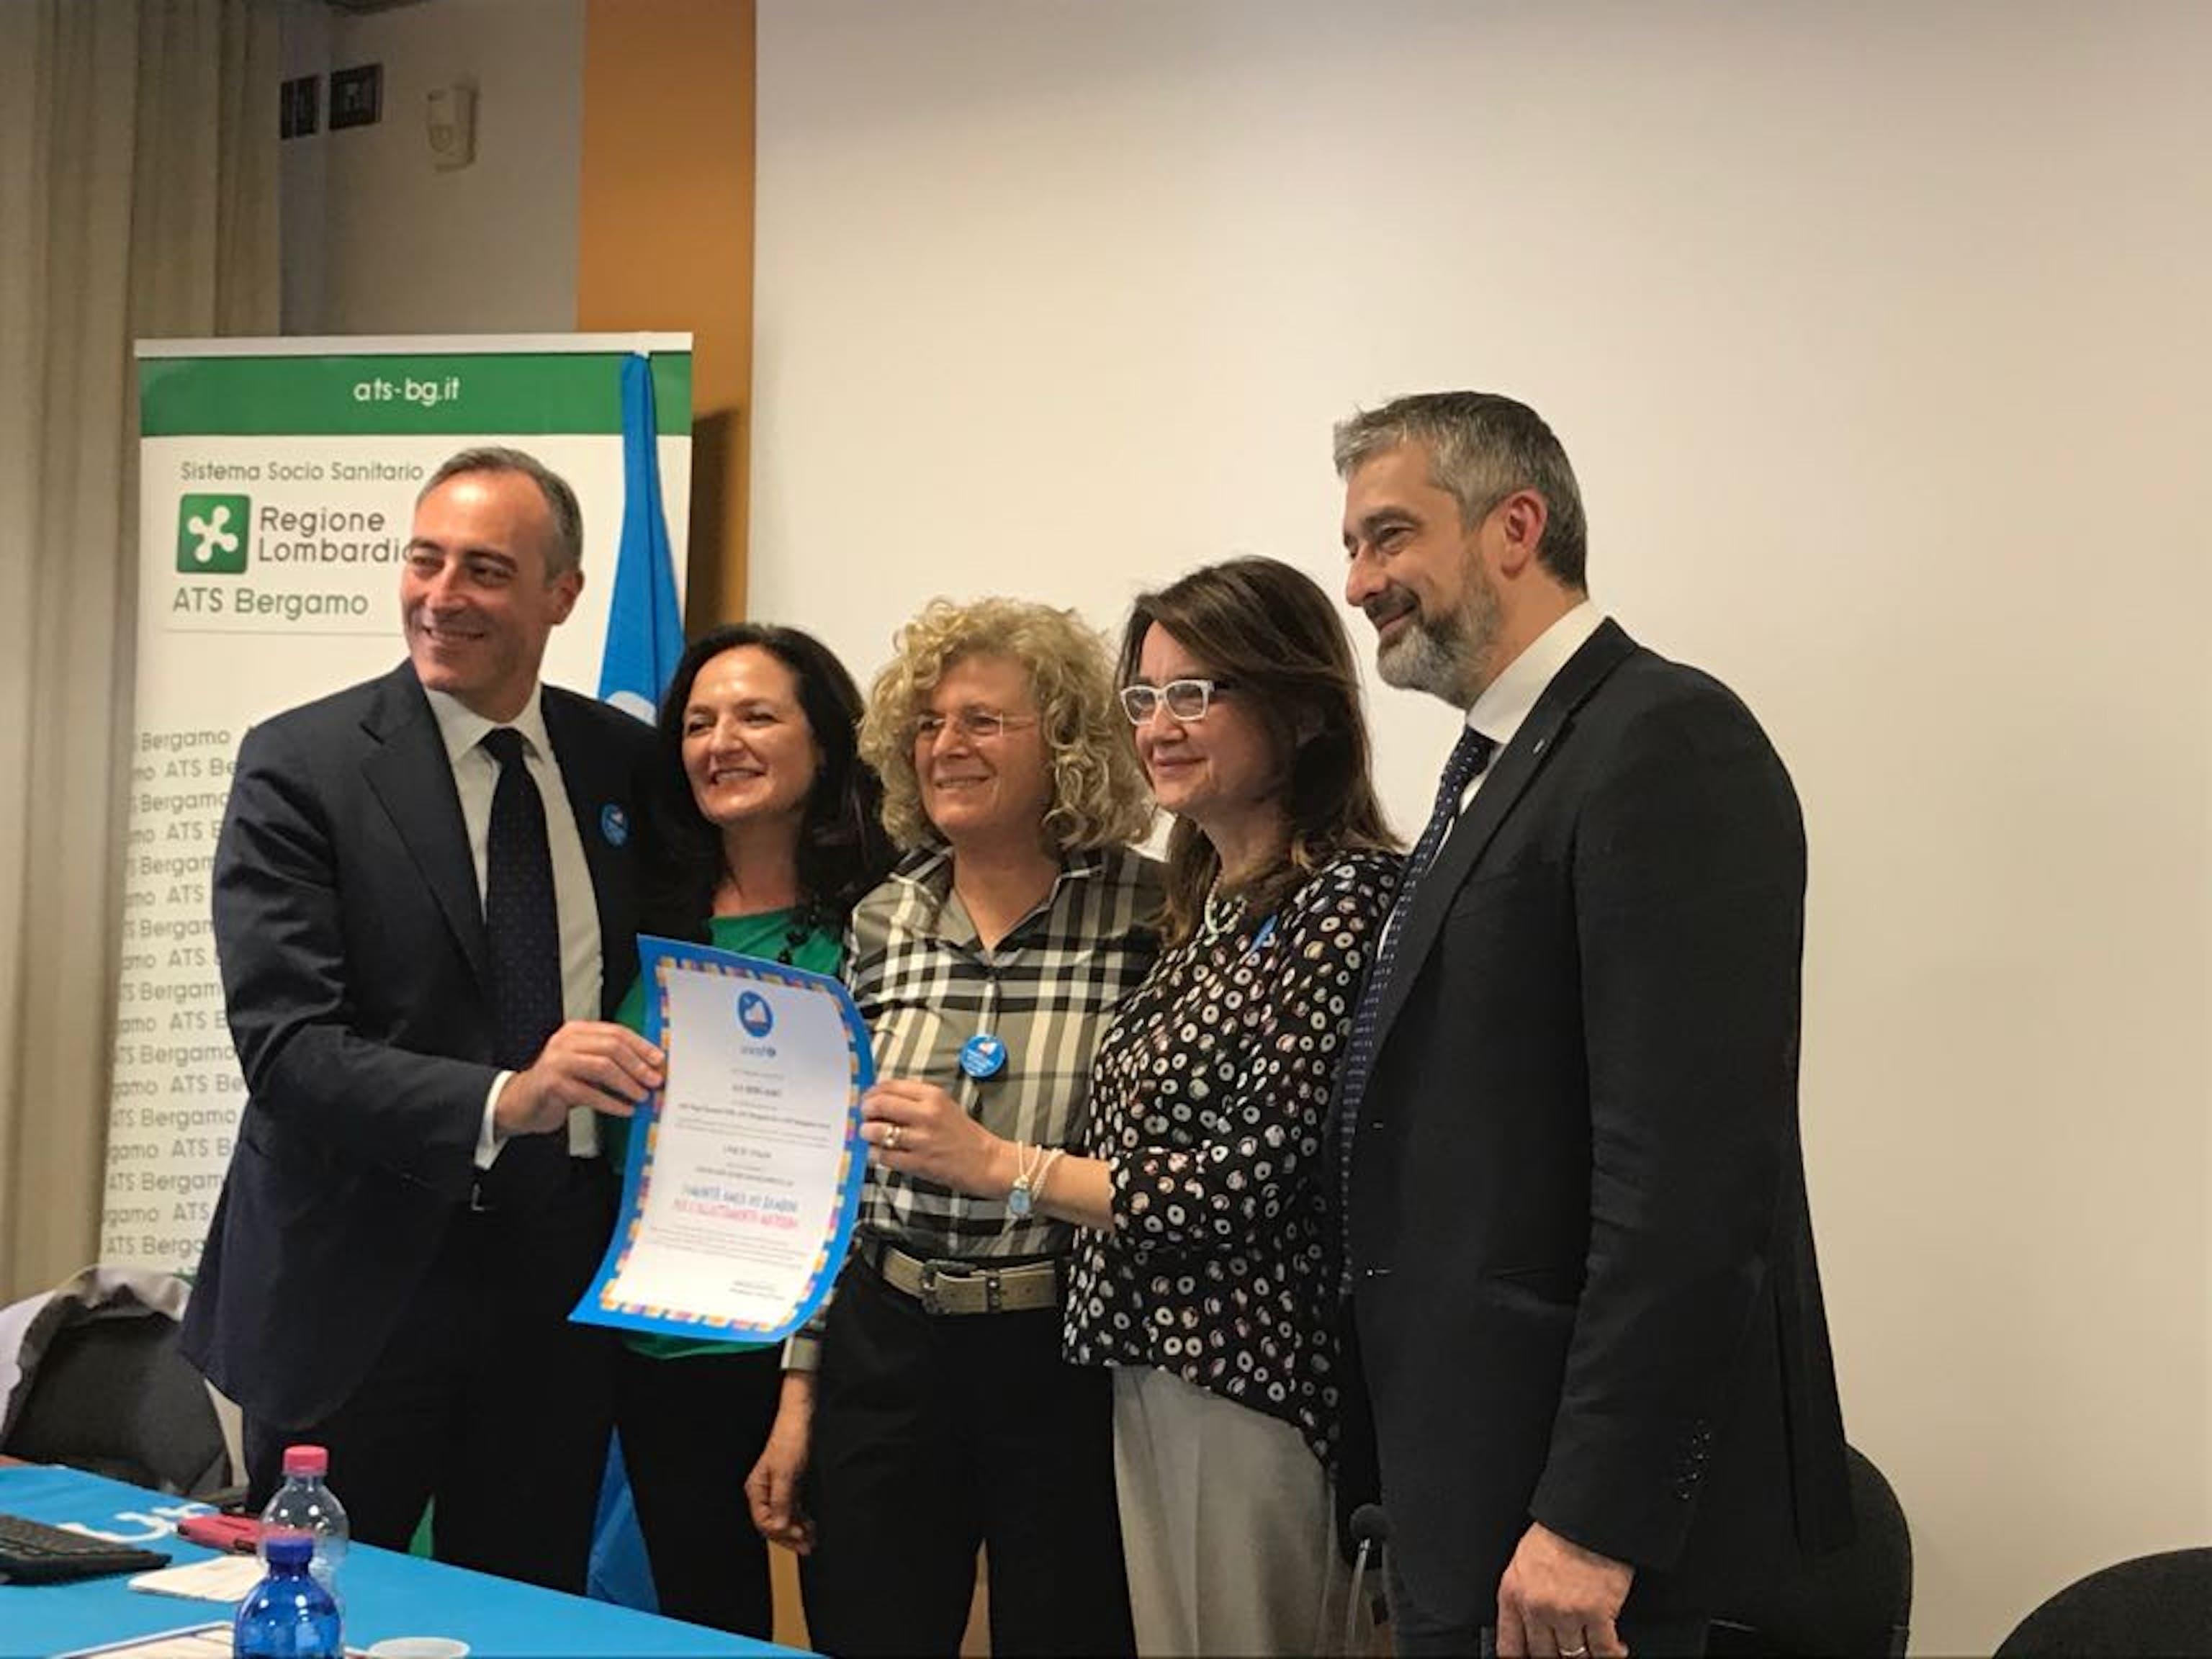 La consegna del riconoscimento della ATS di Bergamo quale